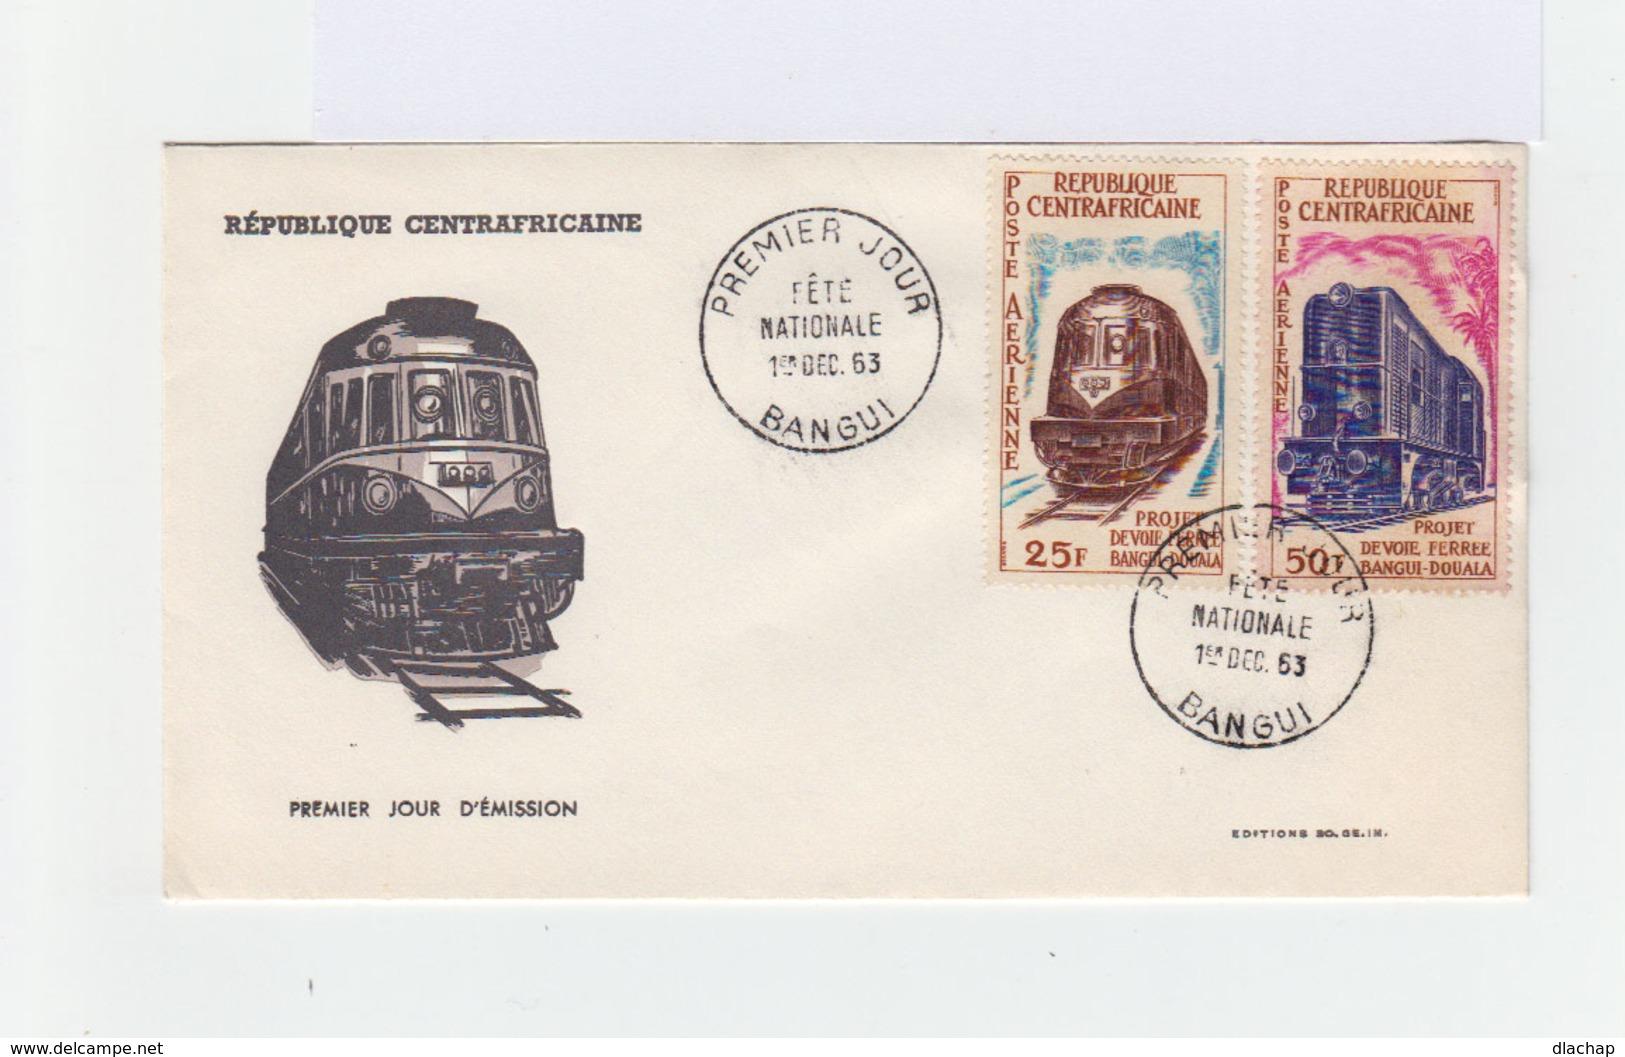 Enveloppe Premier Jour. Cahet Fête Nationale 1er Déc. 1963 Bangui.Timbres Projet Voie Ferrée Bangui Douala. (793) - Centrafricaine (République)